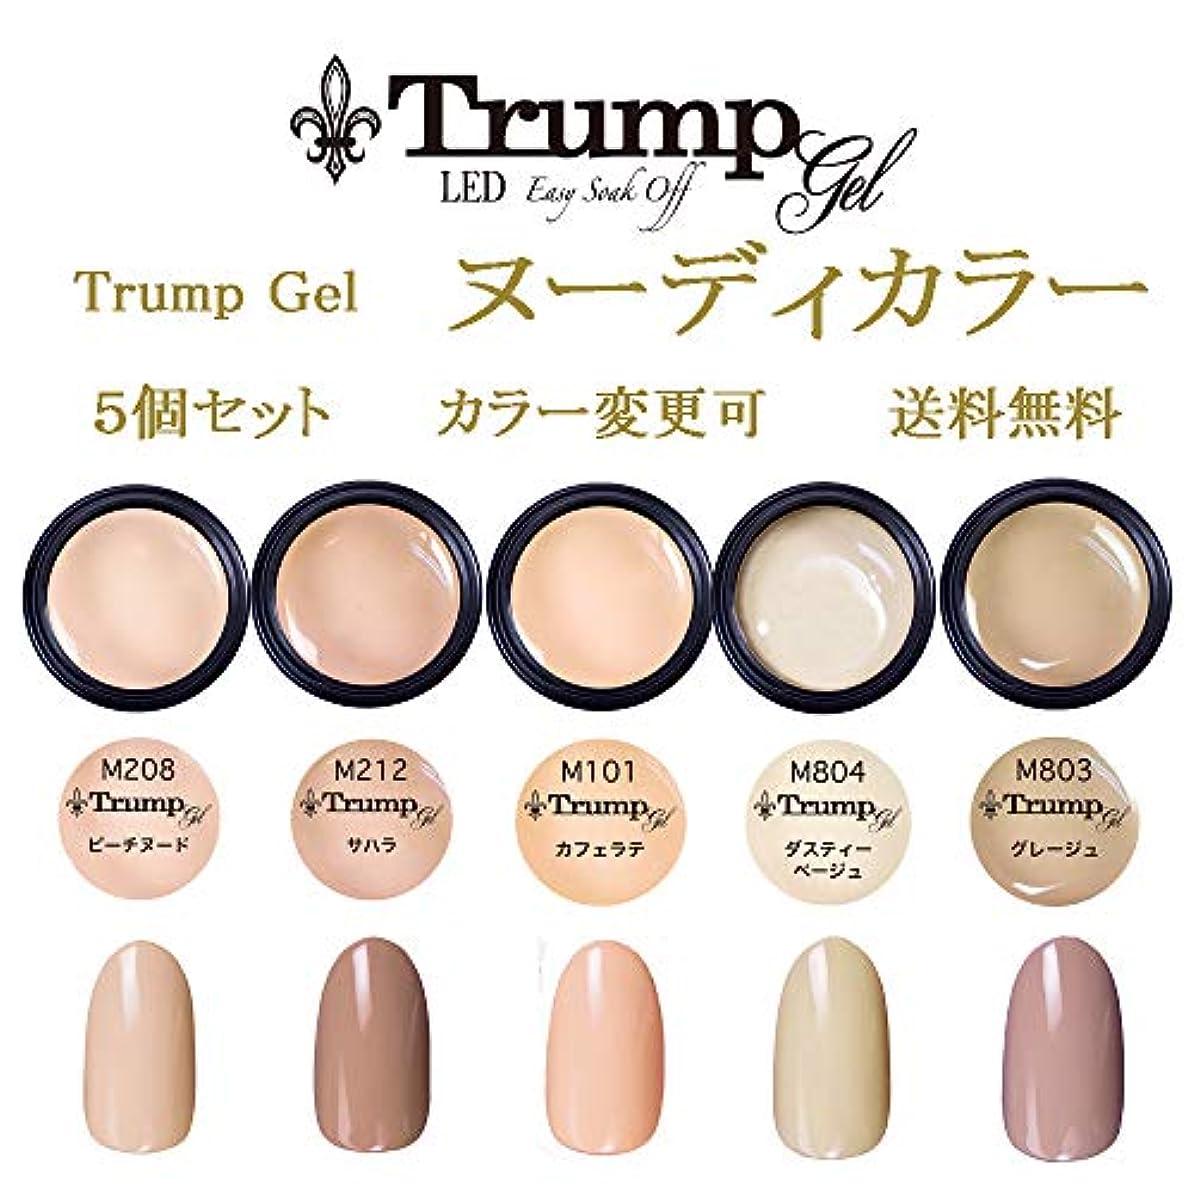 スキル超えるレイ日本製 Trump gel トランプジェル ヌーディカラー 選べる カラージェル 5個セット ベージュ ブラウン ピンク